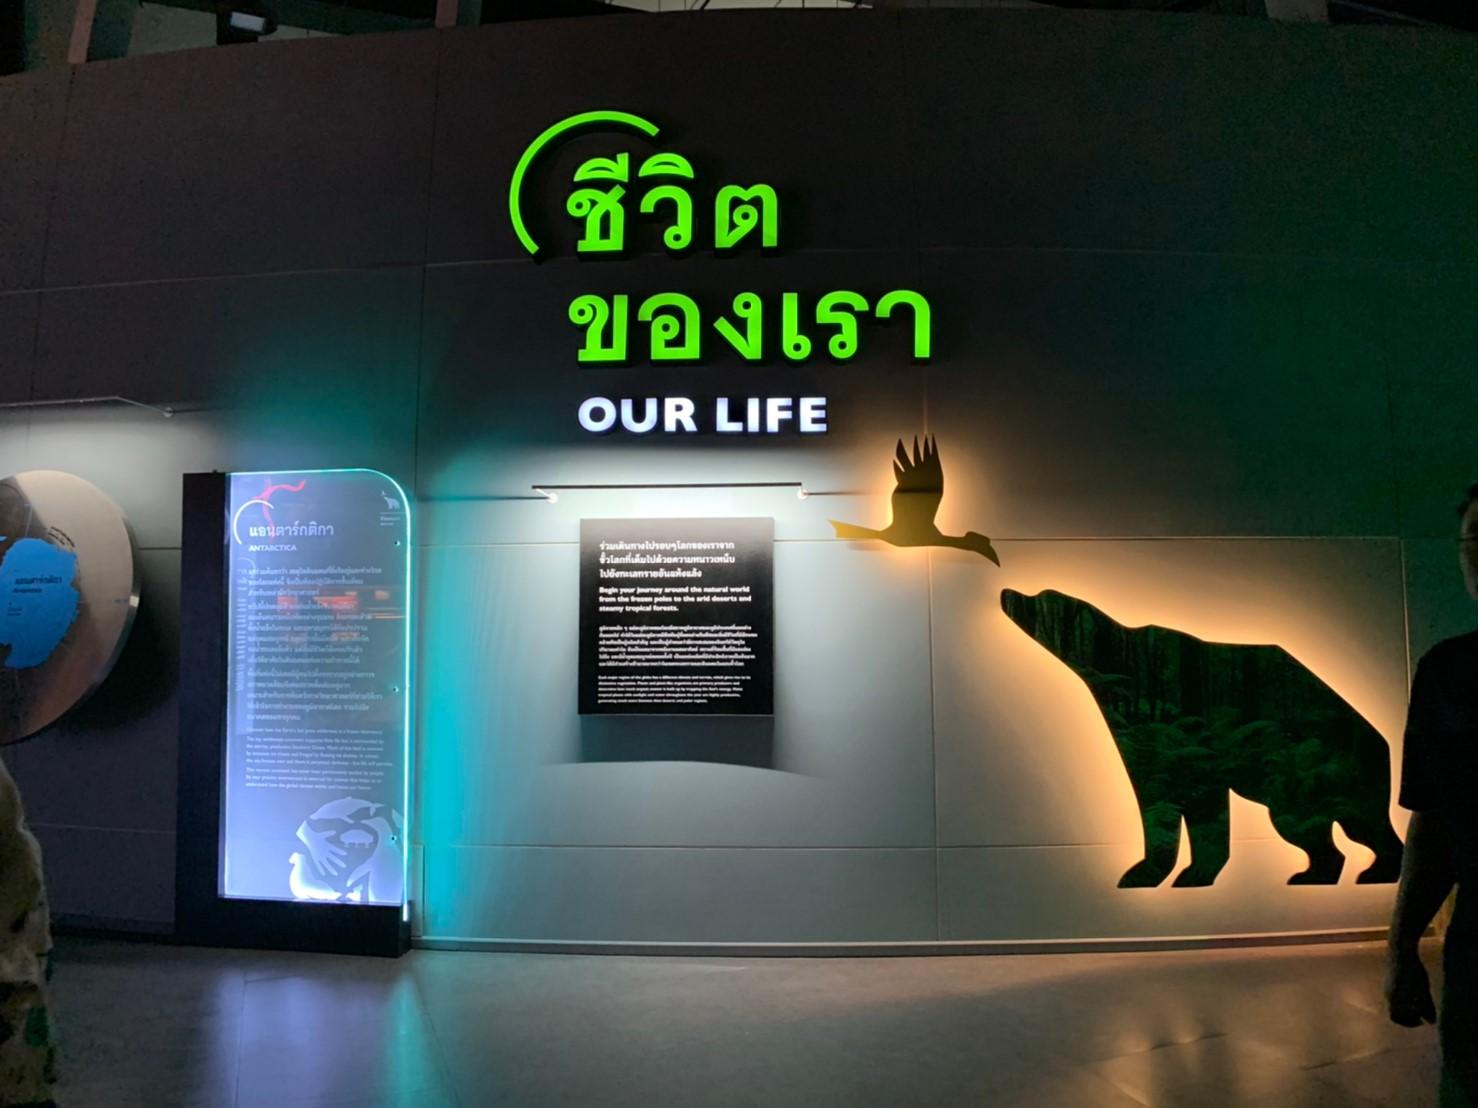 ชีวิตของเรา พิพิธภัณฑ์พระราม9